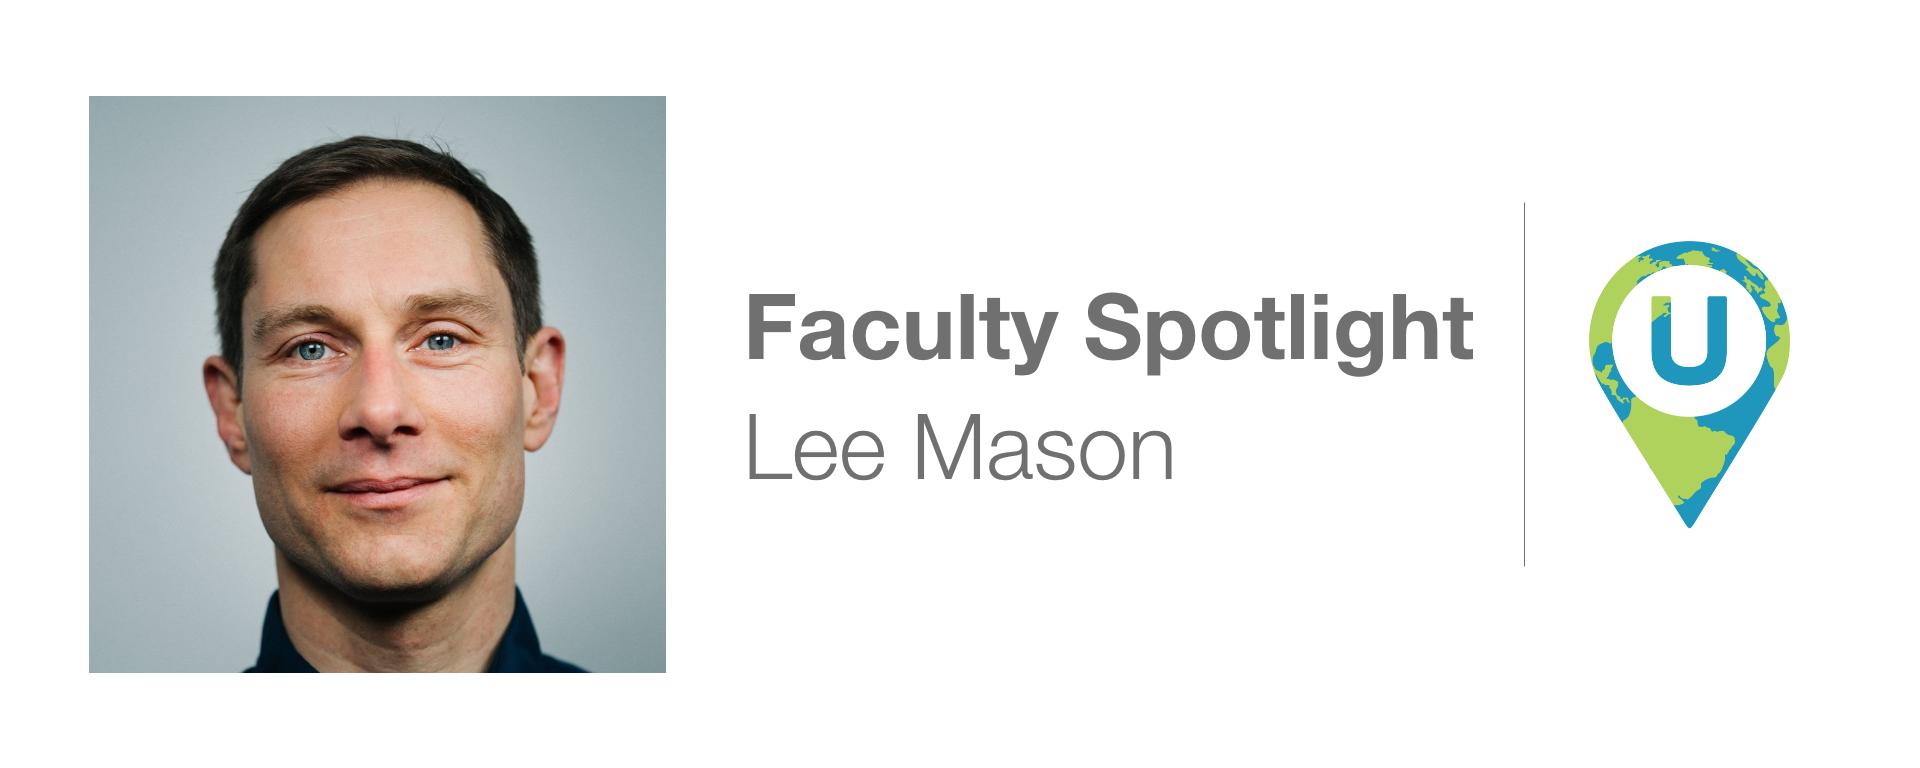 Faculty Spotlight: Lee Mason